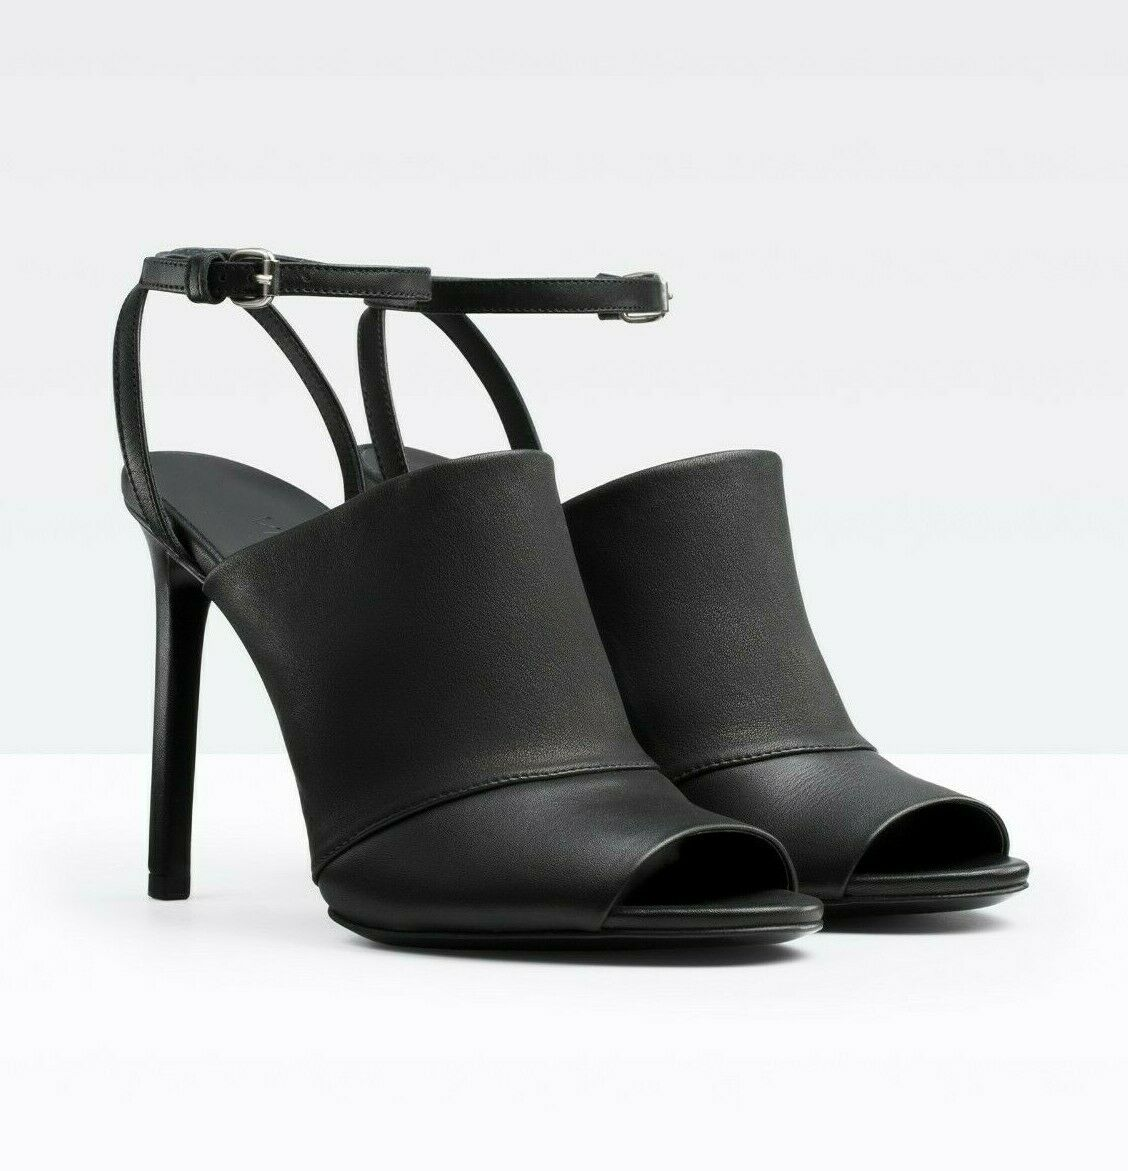 Ultimo 2018 Vince Grace nero Leather Donna  High High High Heels Sandals Dimensione 8 M  divertiti con uno sconto del 30-50%